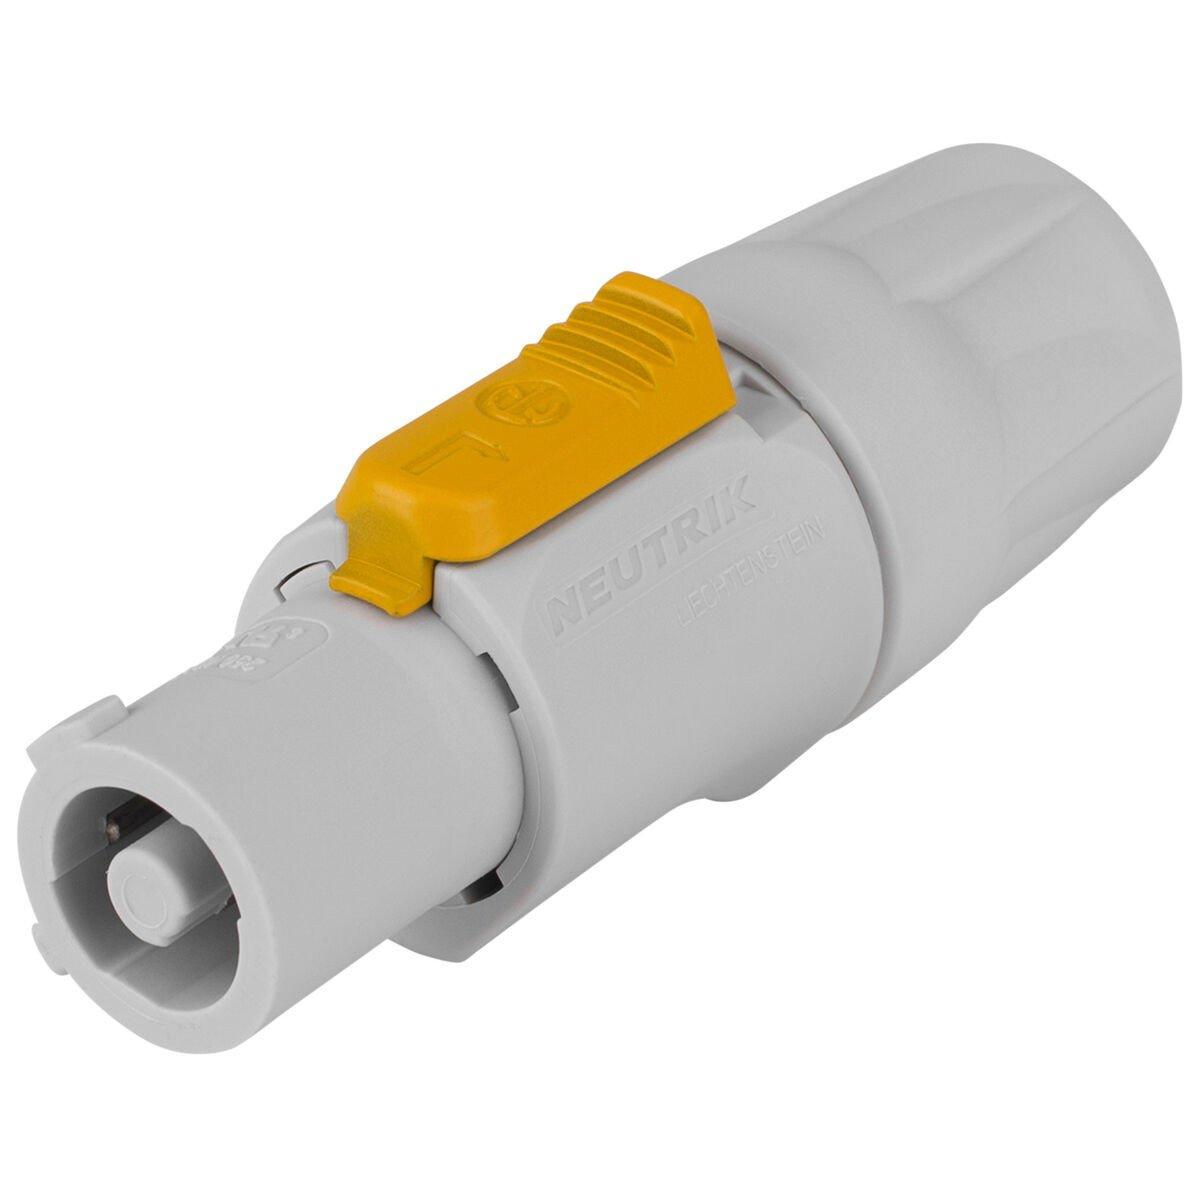 Neutrik NAC3FCB AC Powercon Cable End-Out